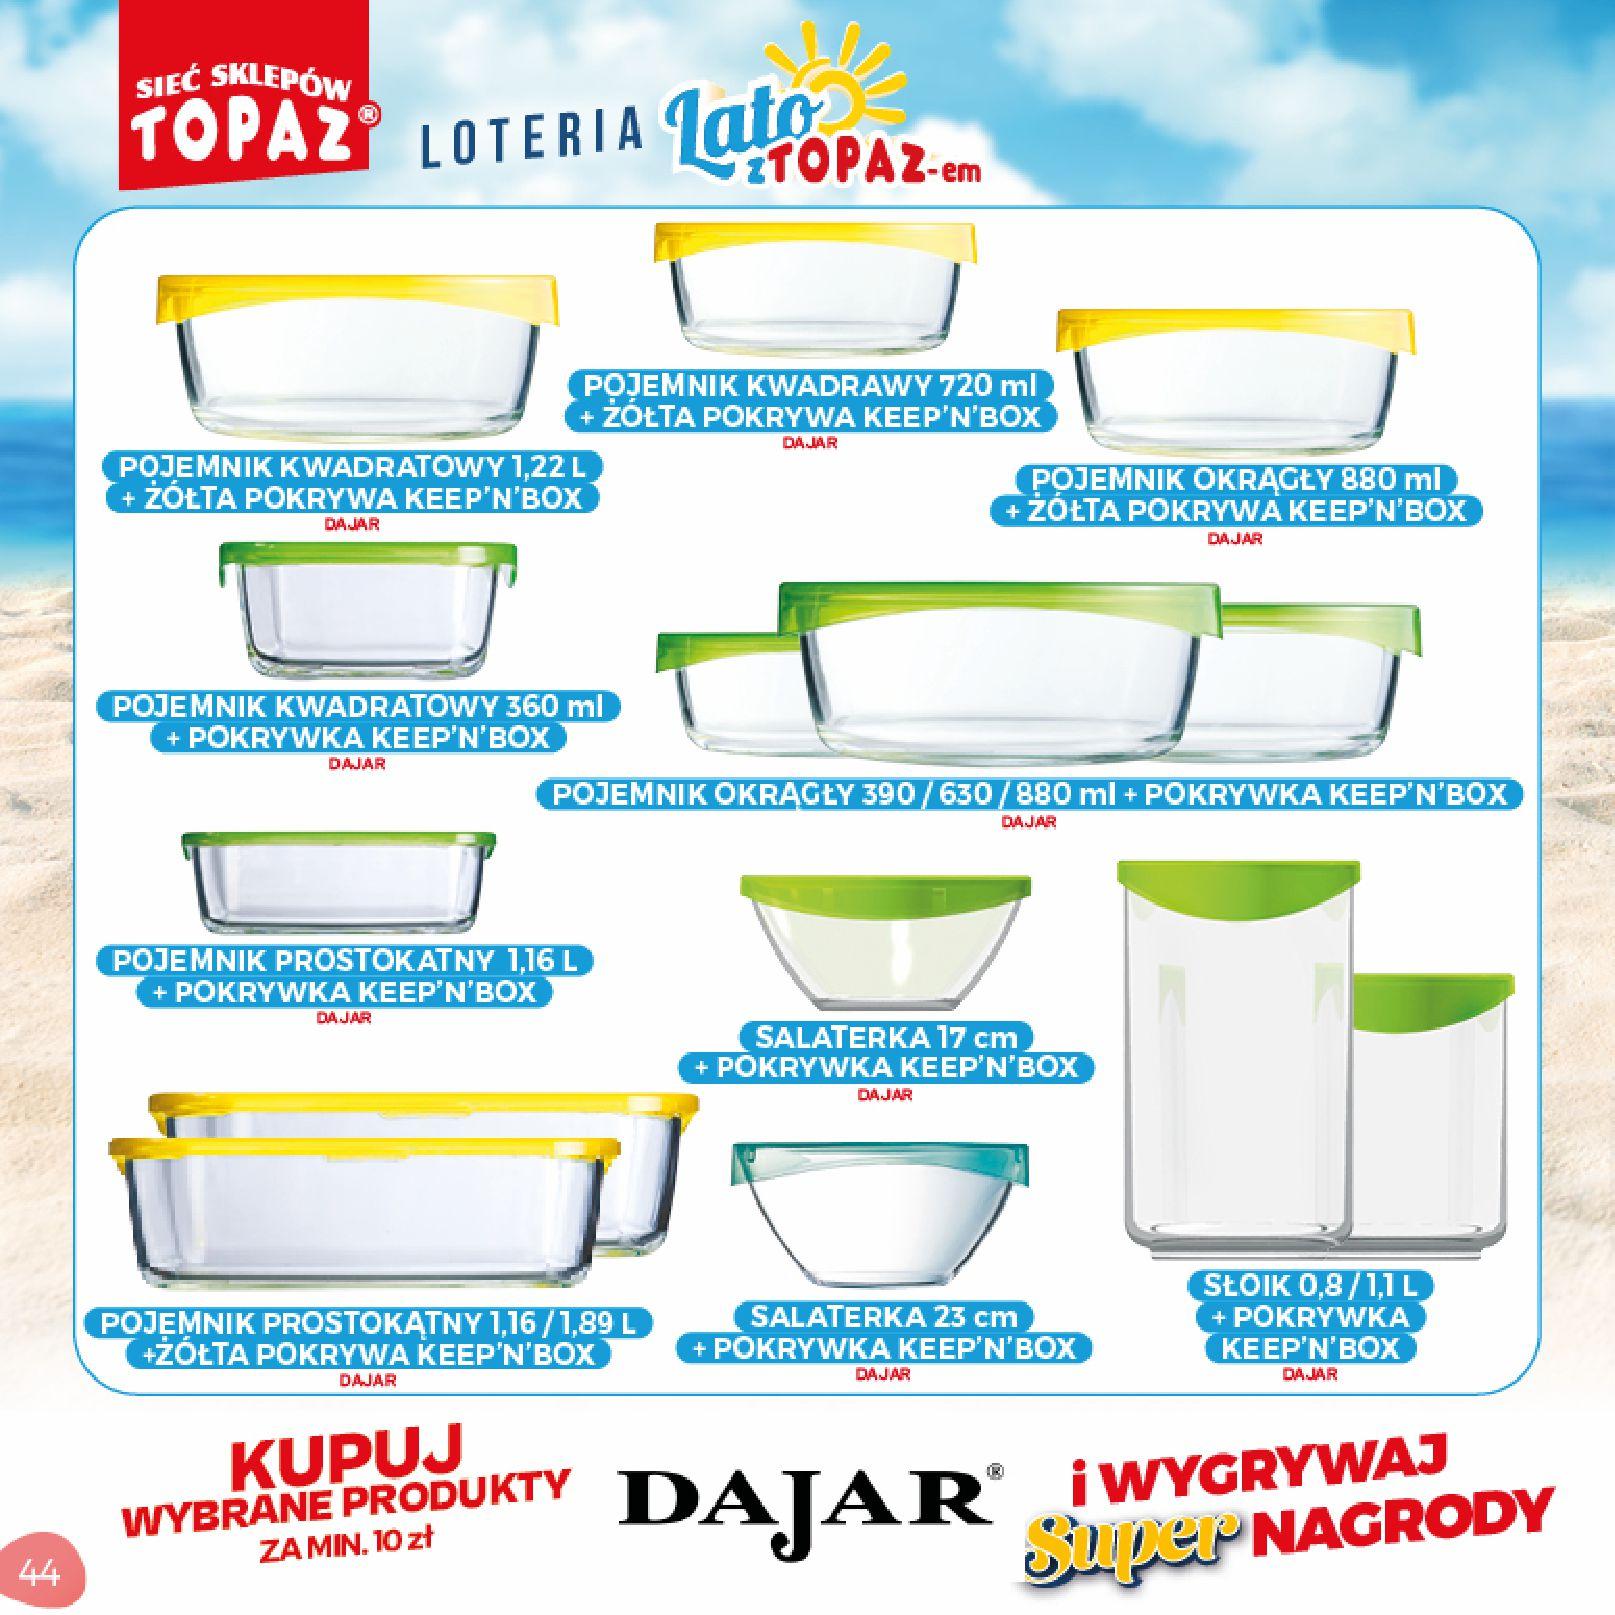 Gazetka TOPAZ: Gazetka TOPAZ - Loteria 2021-07-05 page-44